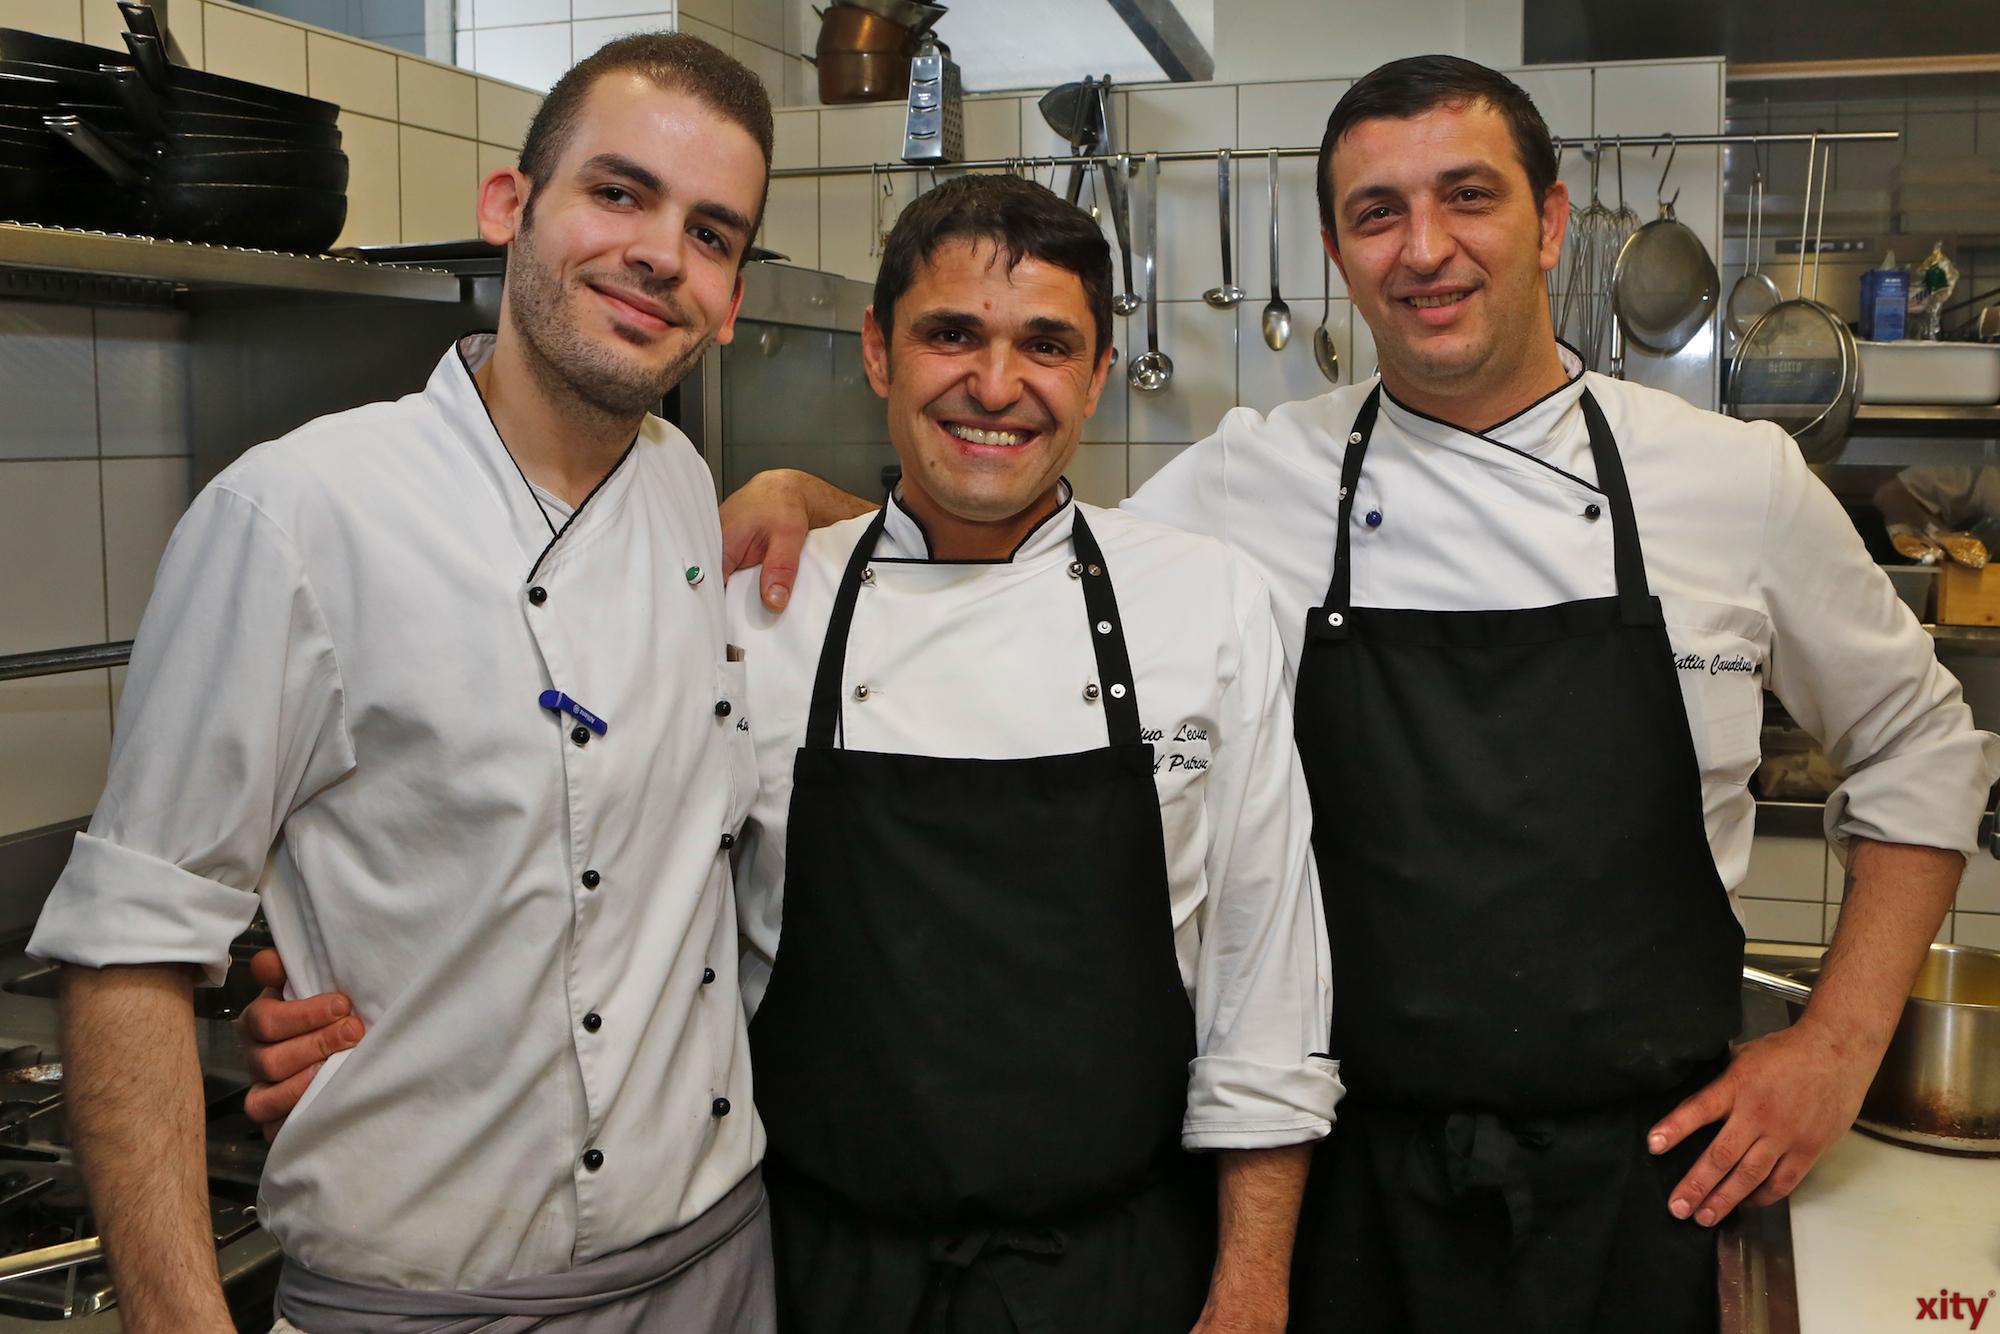 Das Küchenteam um Gino Leone (m.) (Foto: xity)